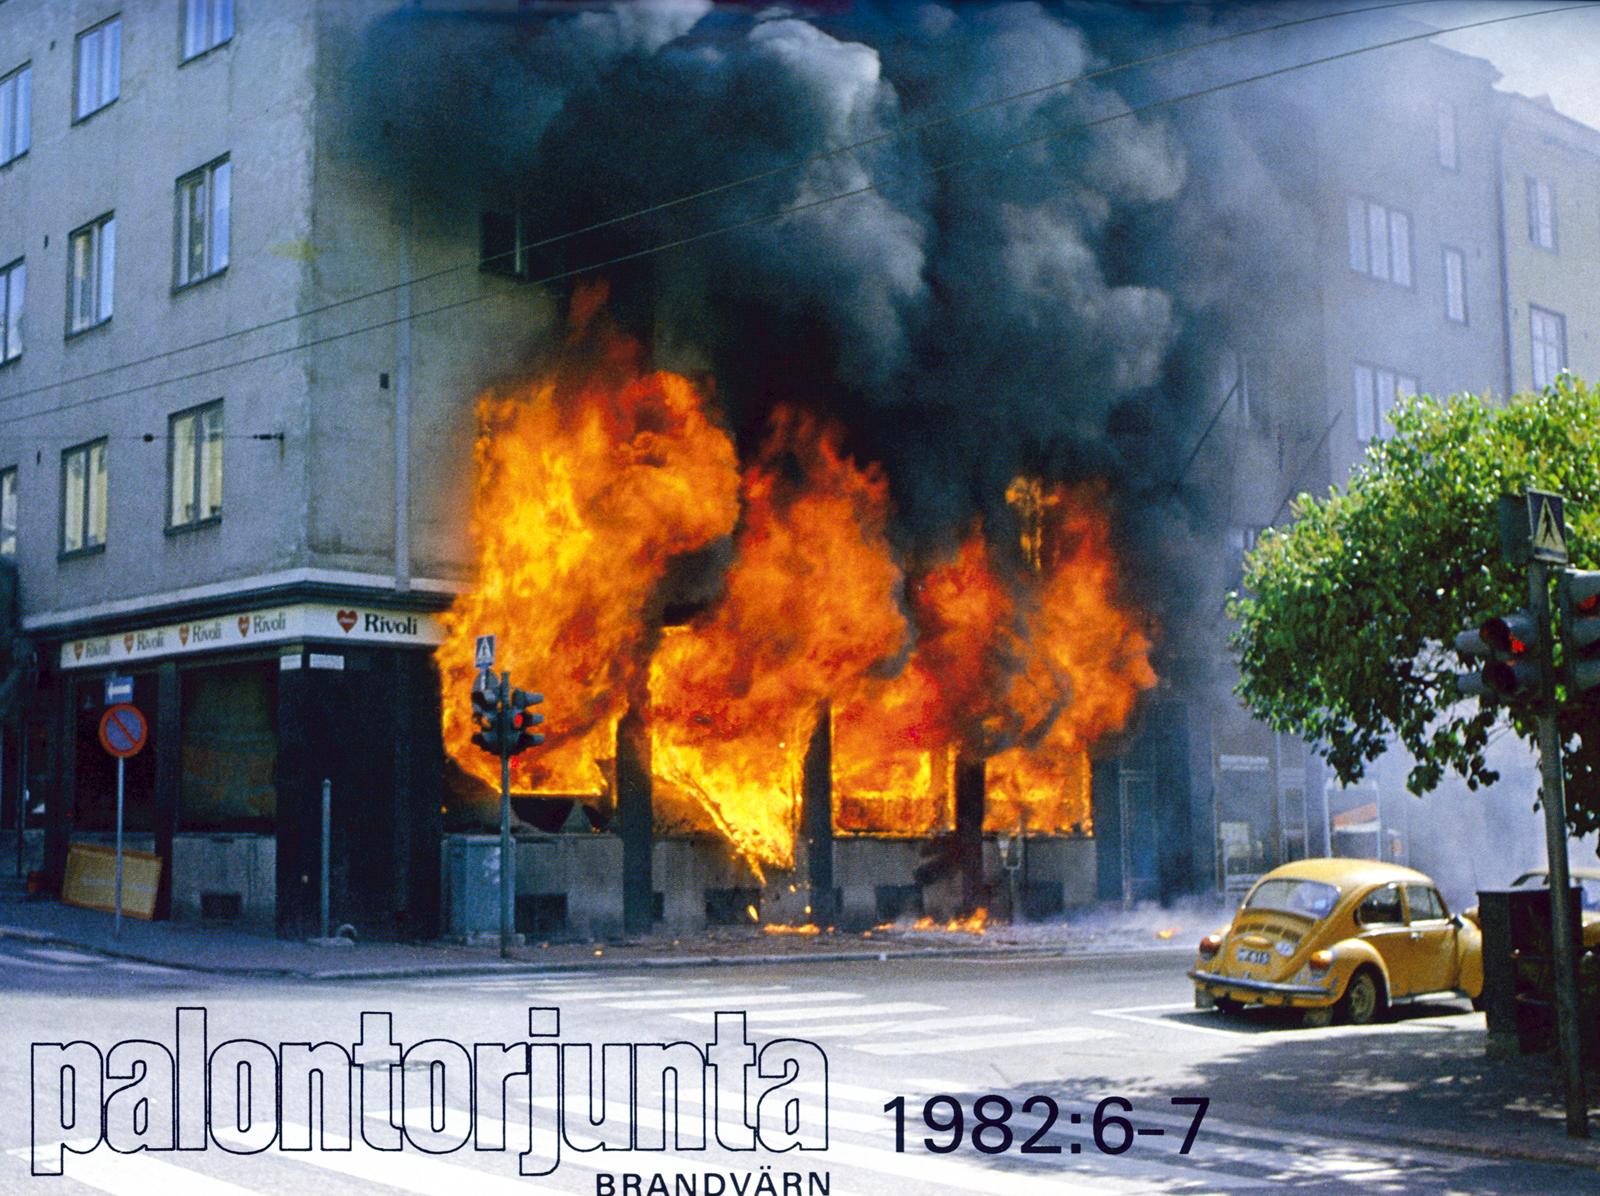 Läheisen valokuvausliikkeen omistaja Tuomas Sointu havaitsi palon heti alkuvaiheessa ja sai hyvän kuvasarjan aivan ensiminuuttien palokehityksesta ennen kuin palokuntakaan oli paikalla.